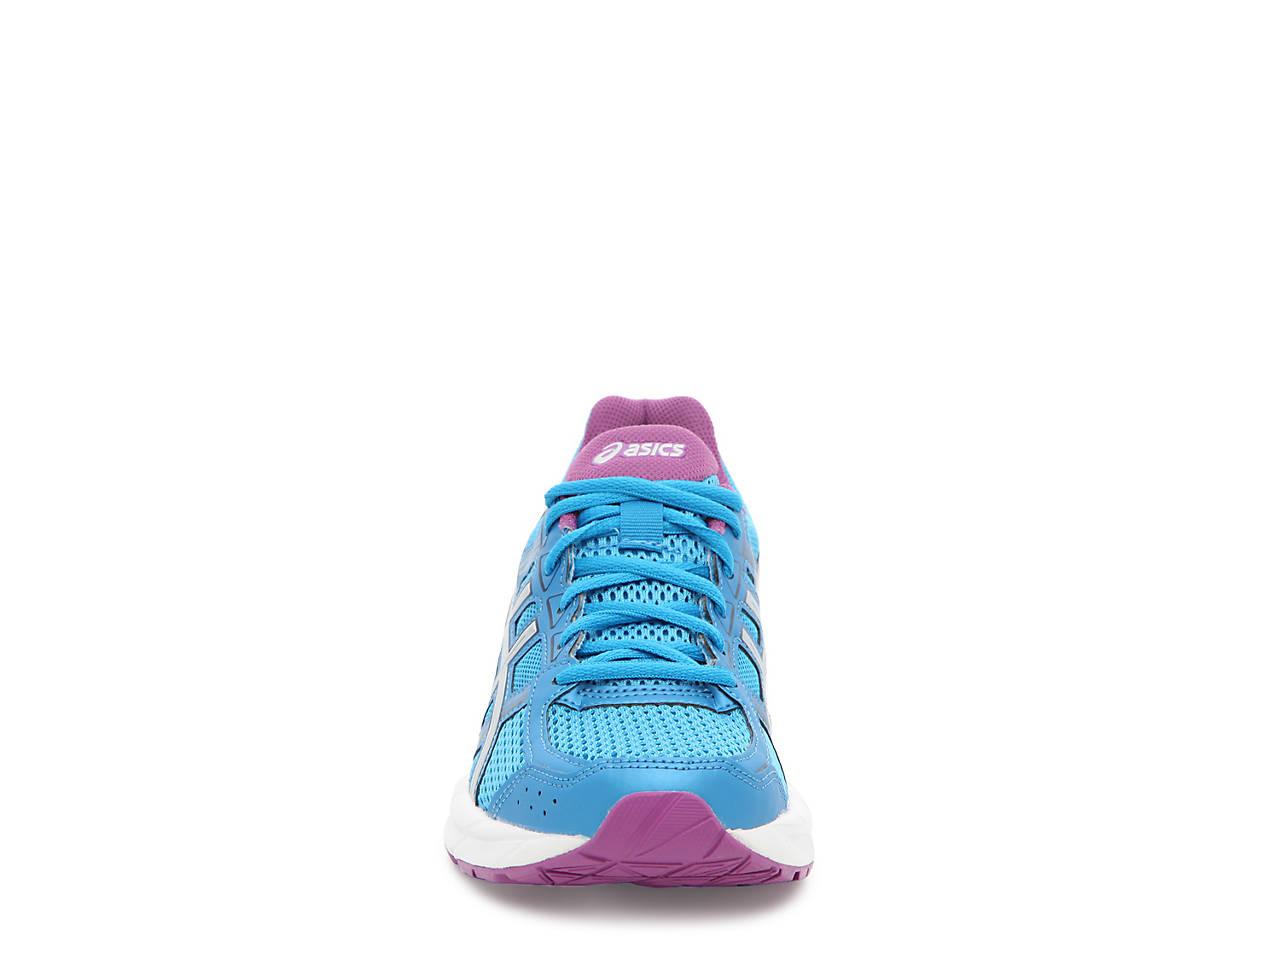 ae0e6aa6050f ASICS GEL-Contend 4 Running Shoe - Women s Women s Shoes